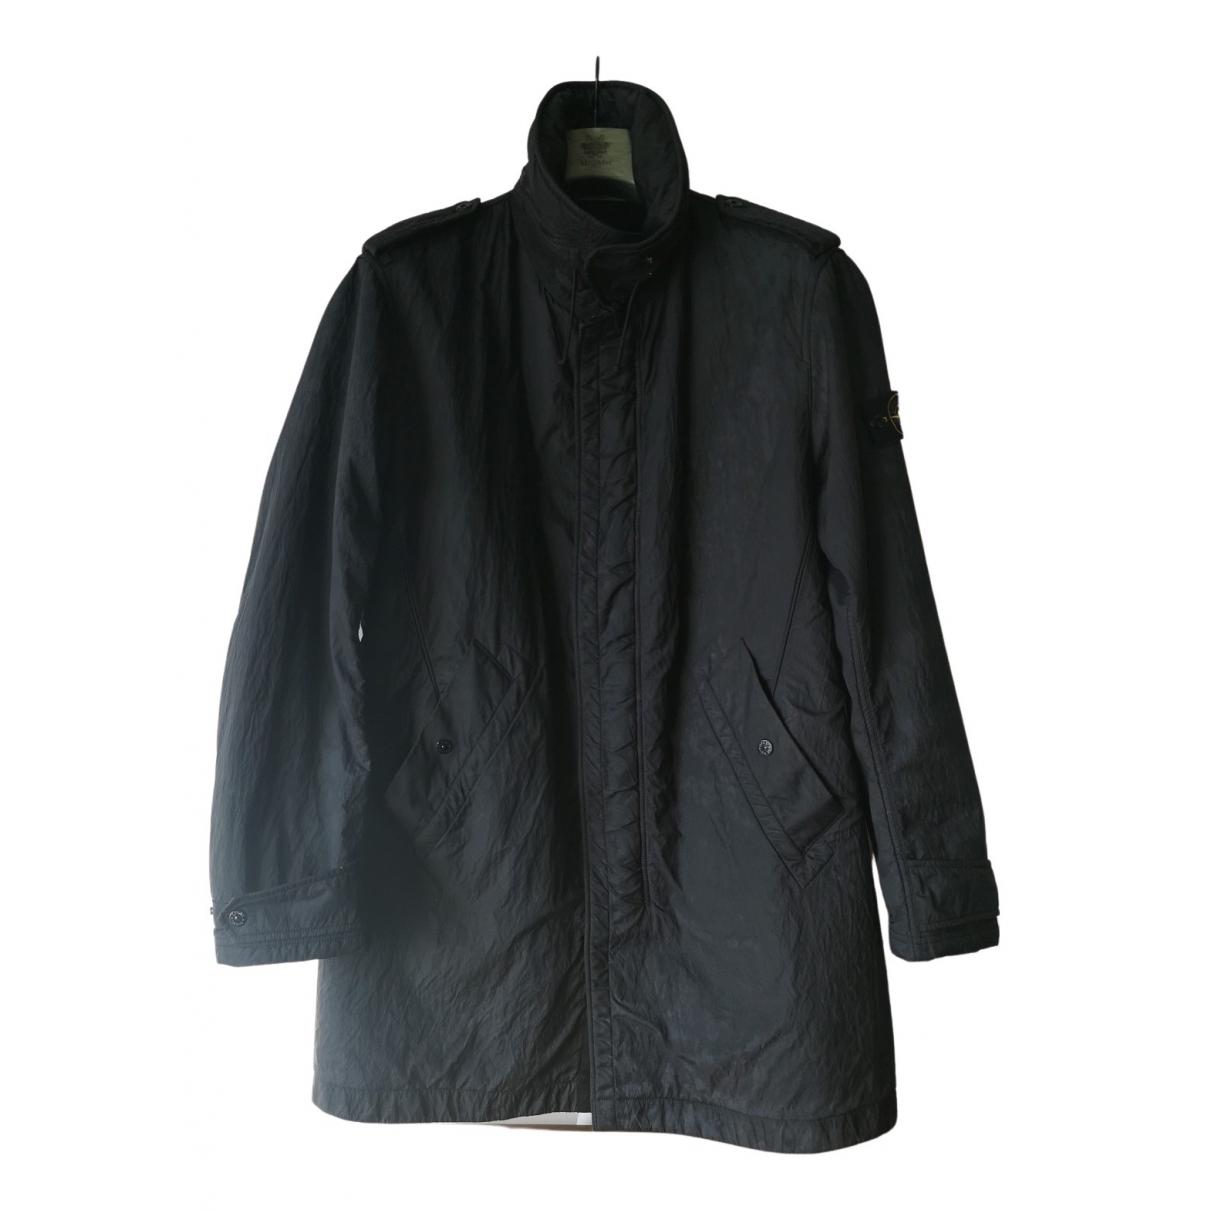 Stone Island - Manteau   pour homme - noir